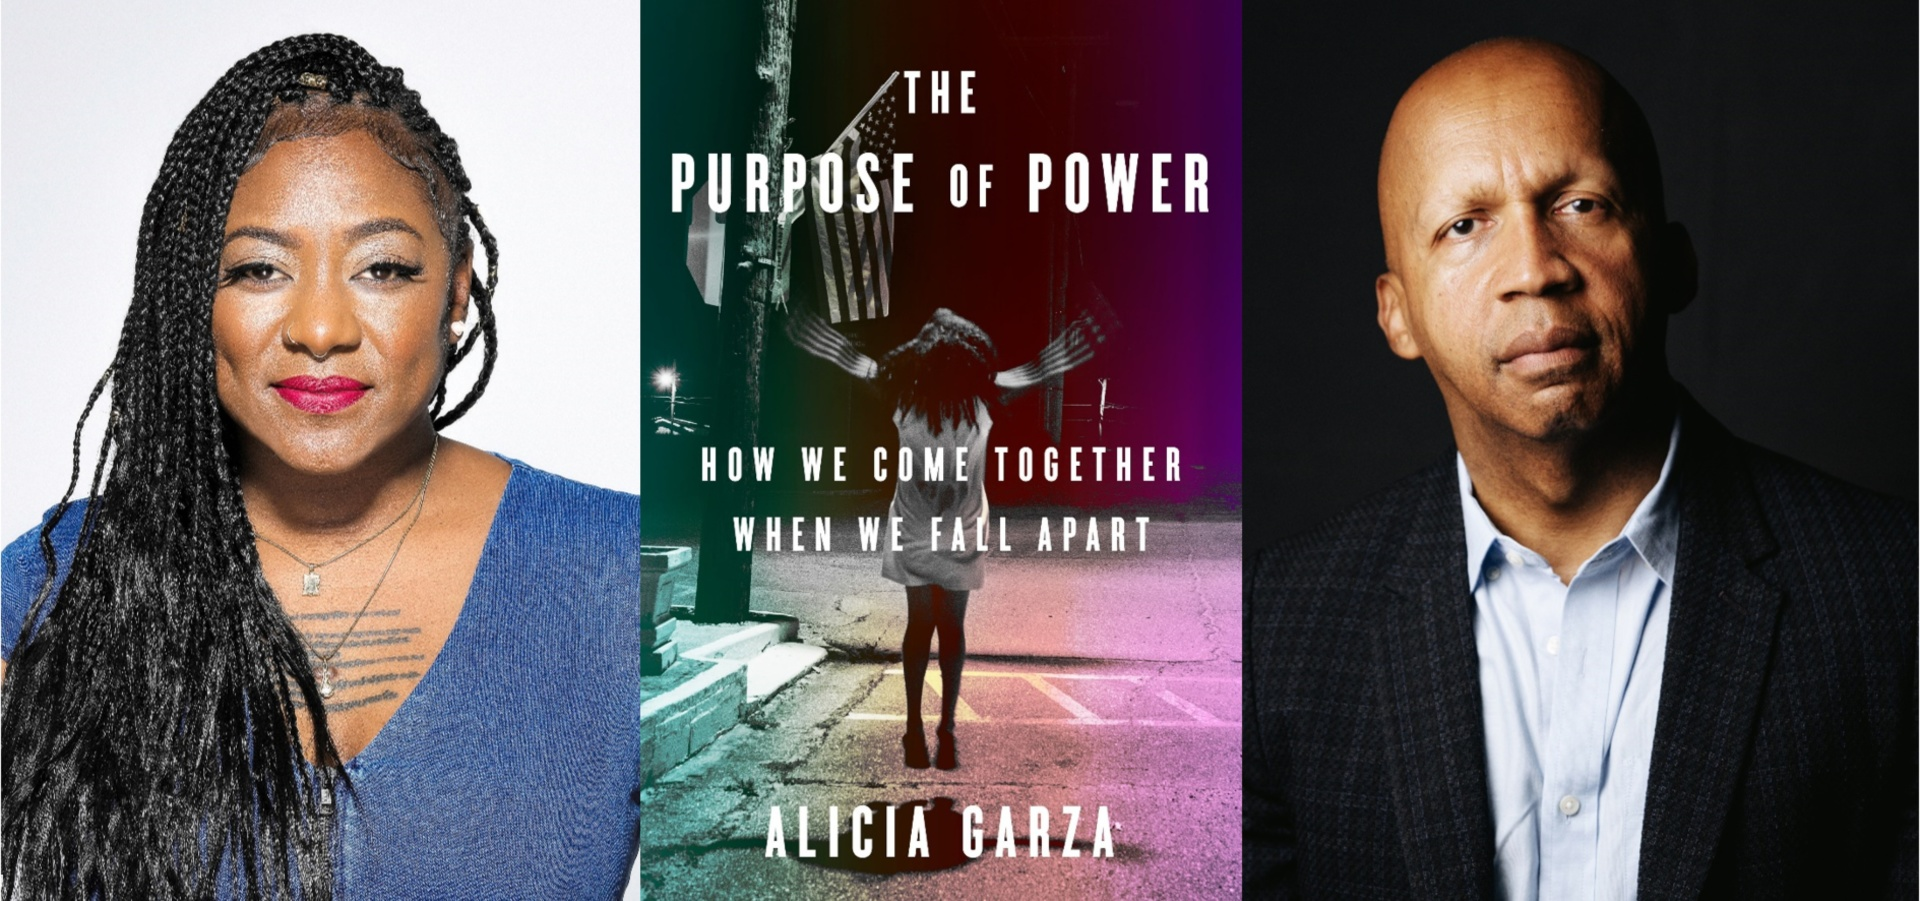 Gildenhorn Book Talk with Alicia Garza